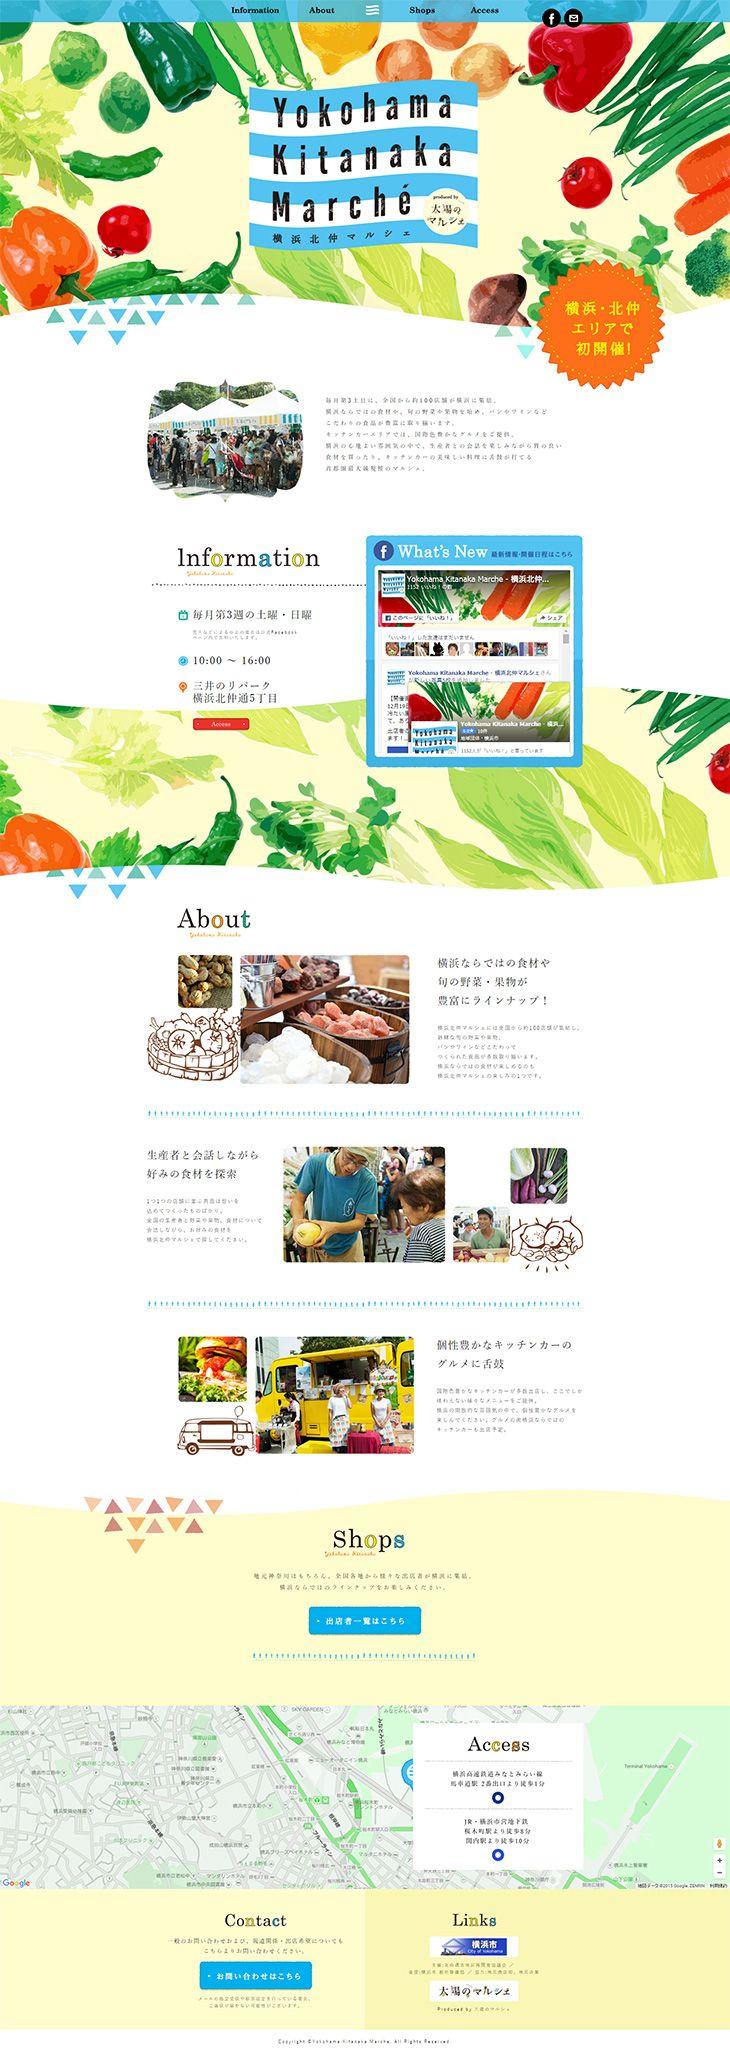 ランディングページ LP 横浜北仲マルシェ|食品|自社サイト